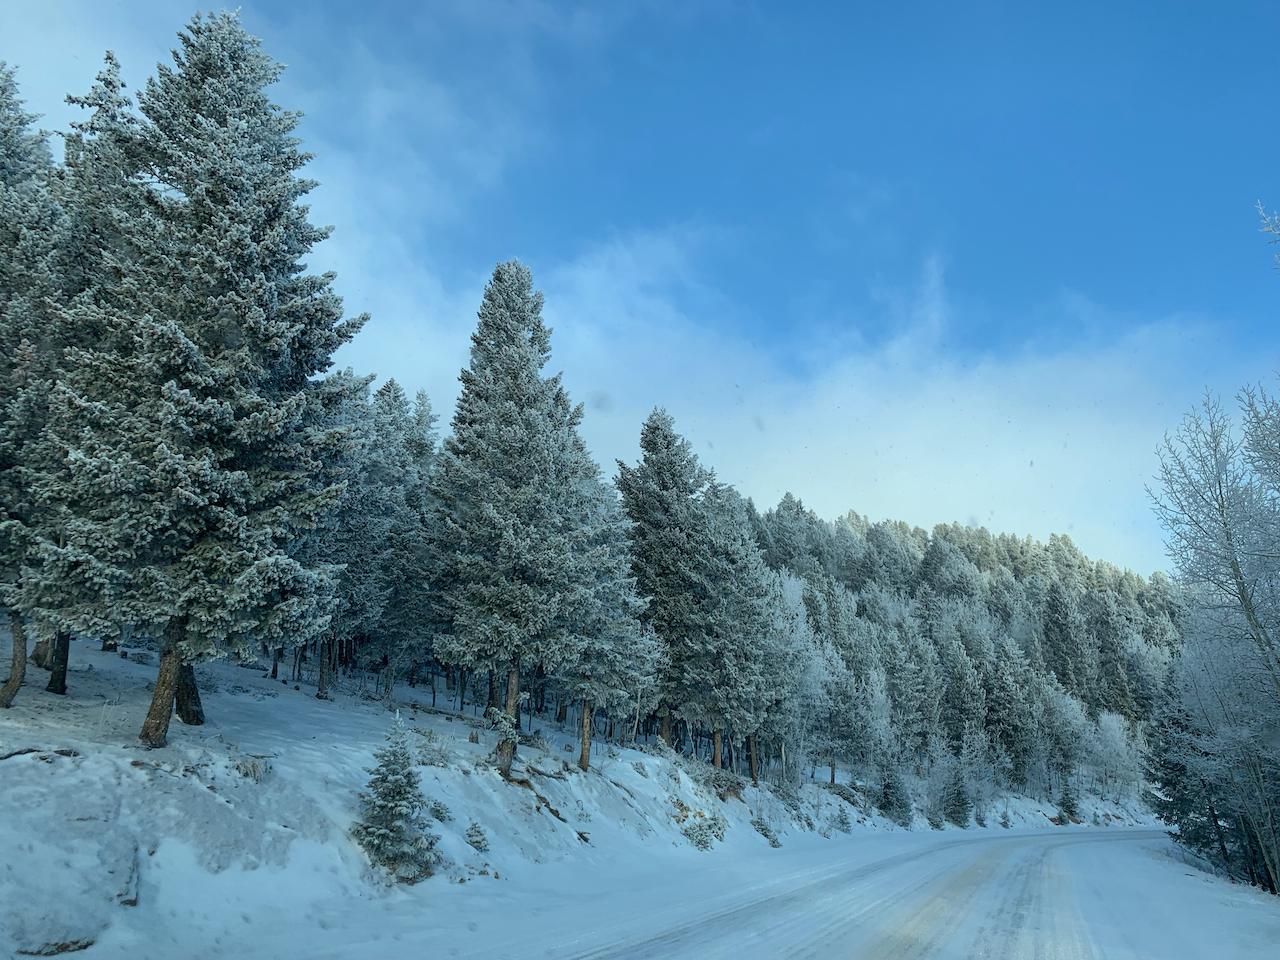 Colorado Blue Skies & White Snow